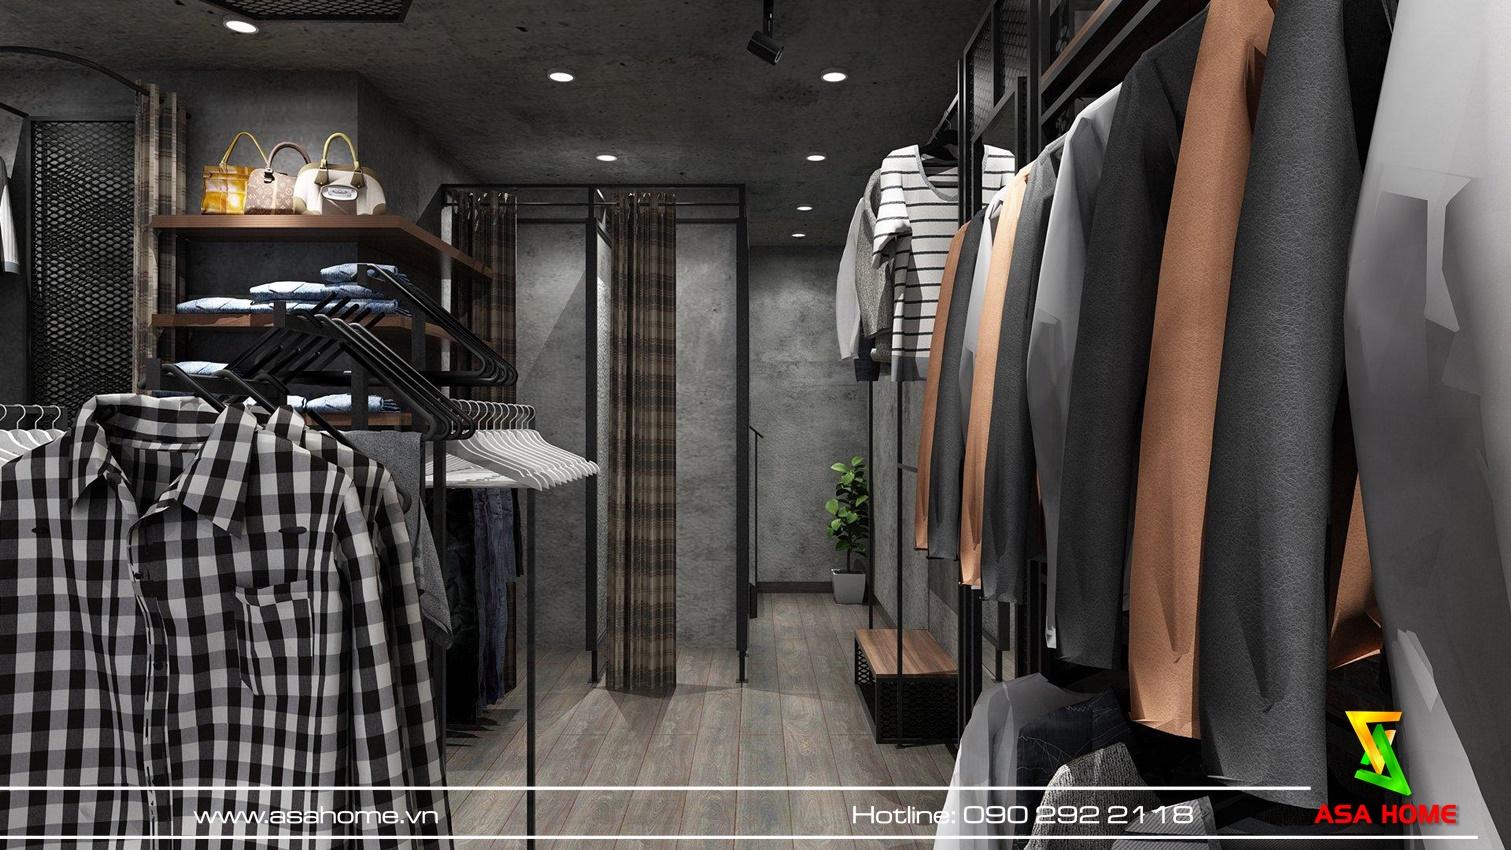 Thiết kế shop thời trang nam tại Bình Thạnh: kệ đặt sát tường